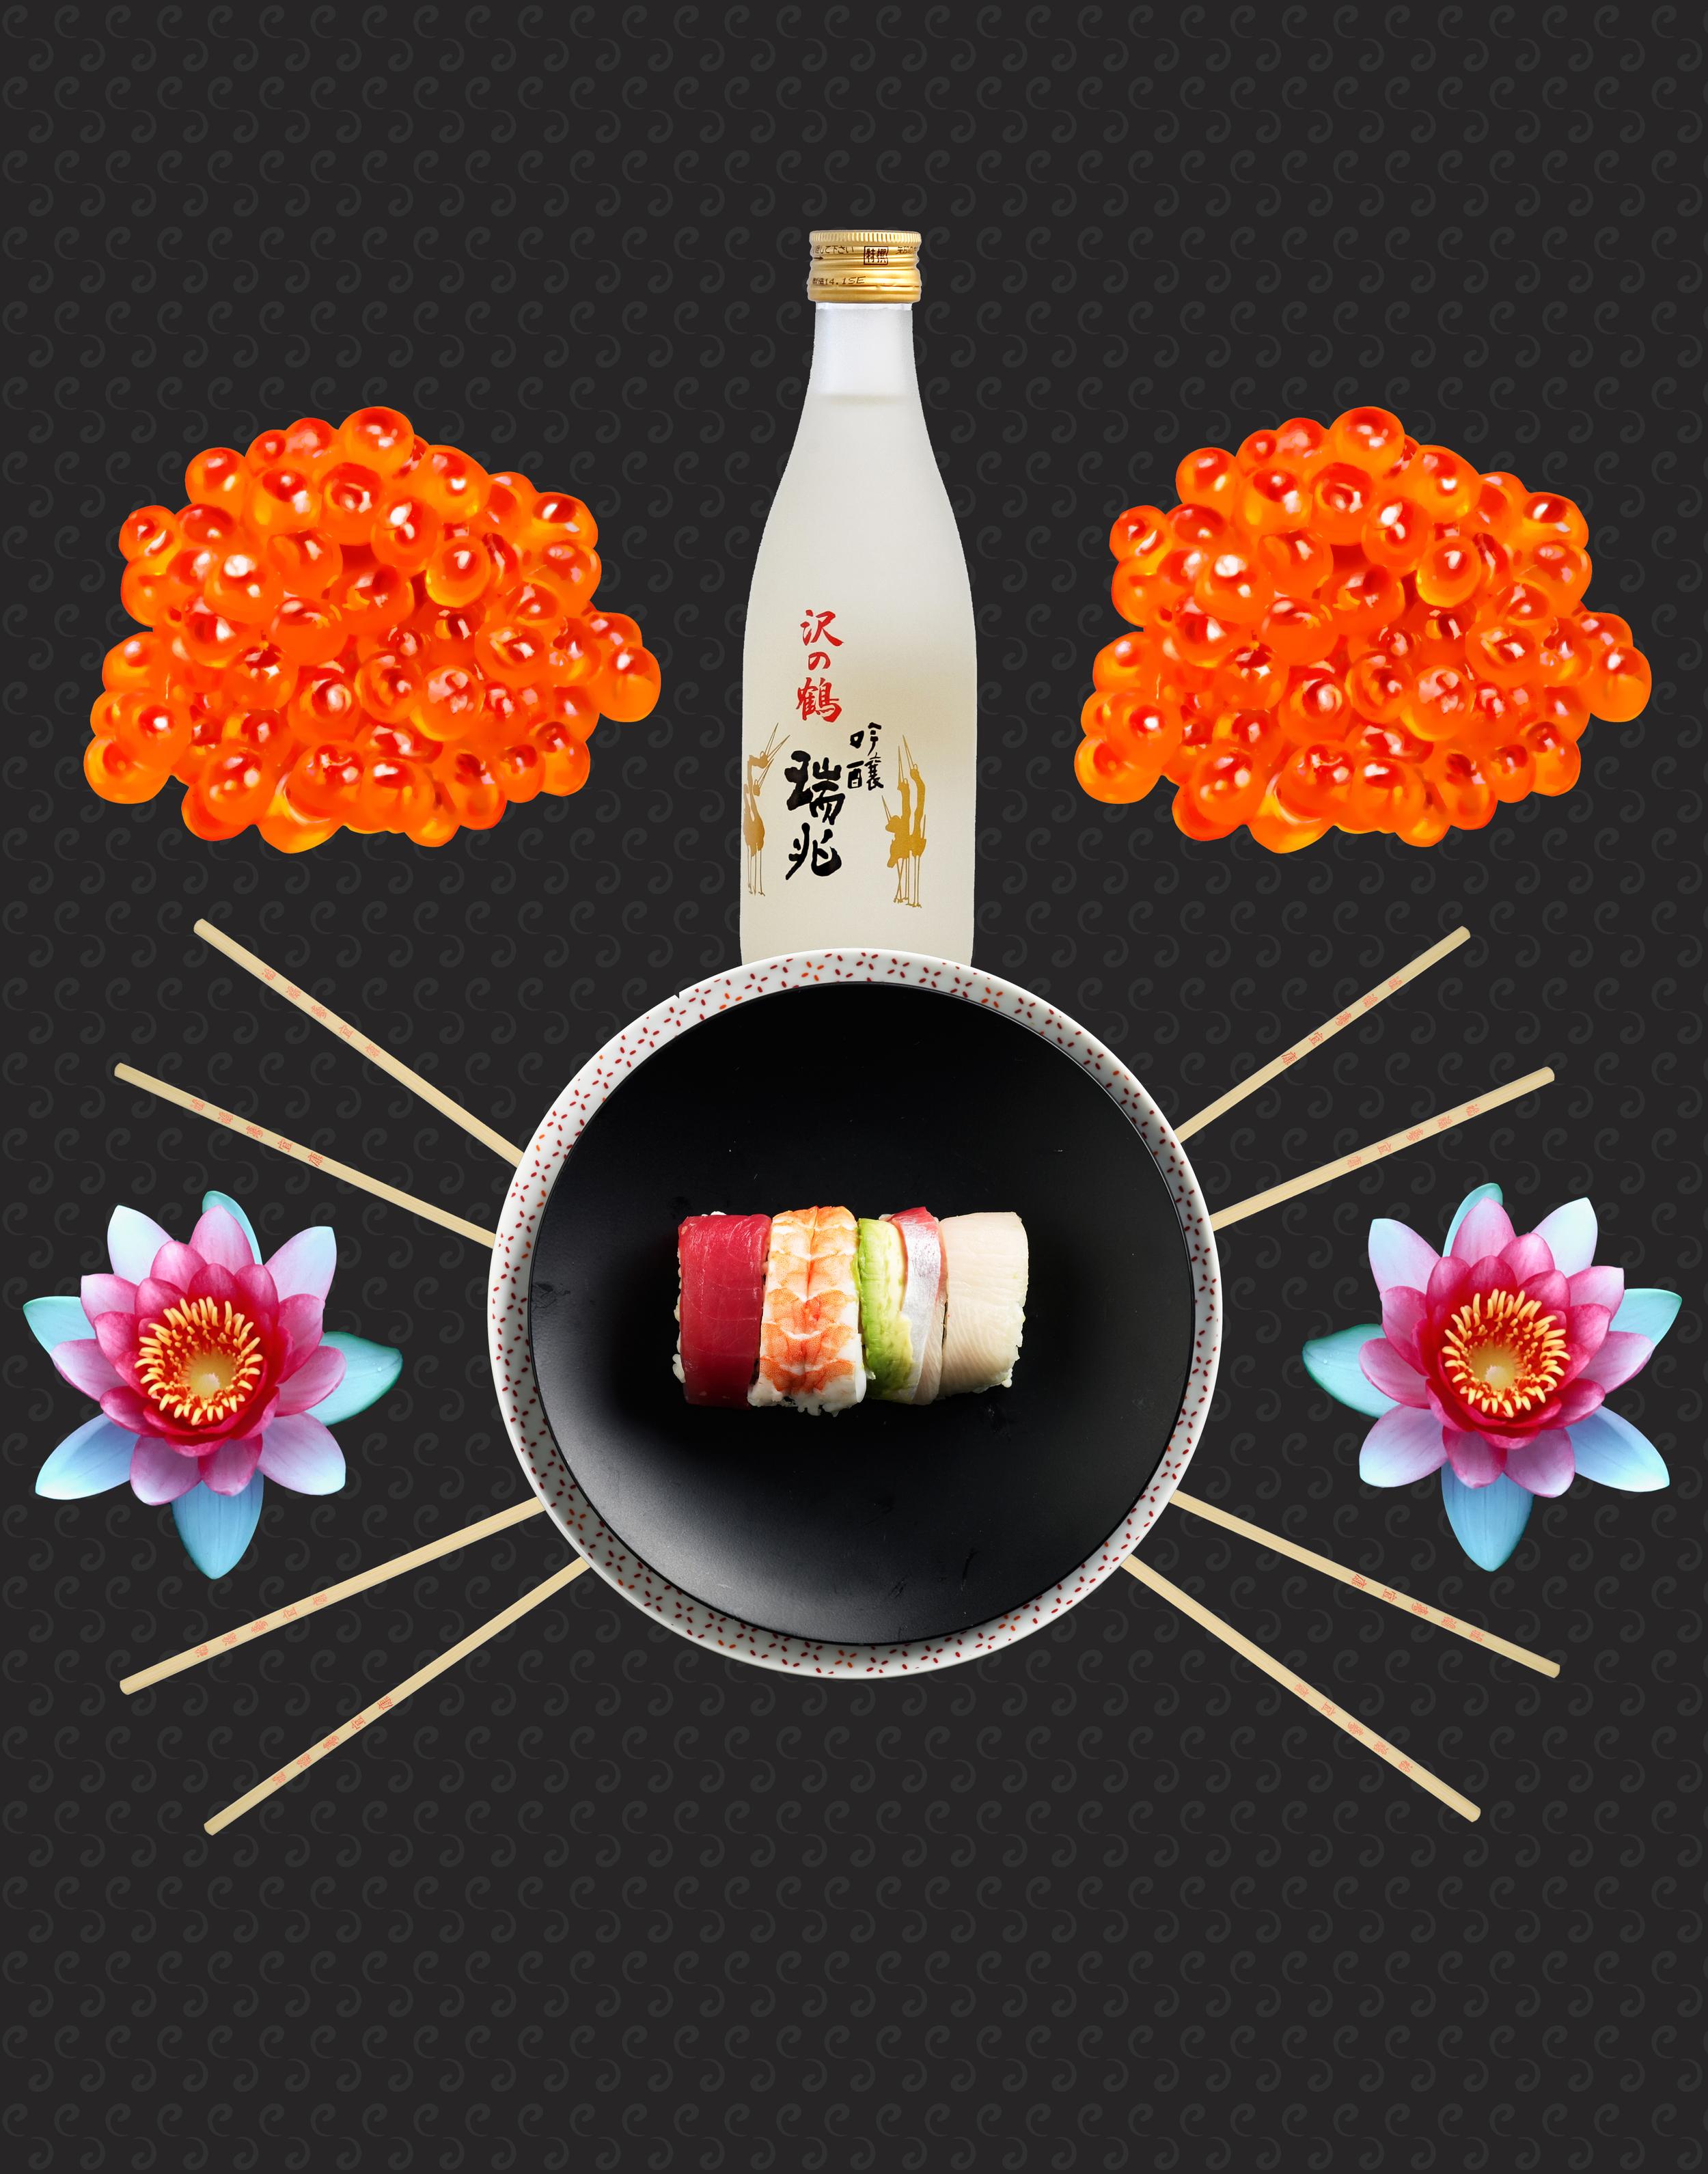 palace-surreal-no-copy-sushi.jpg